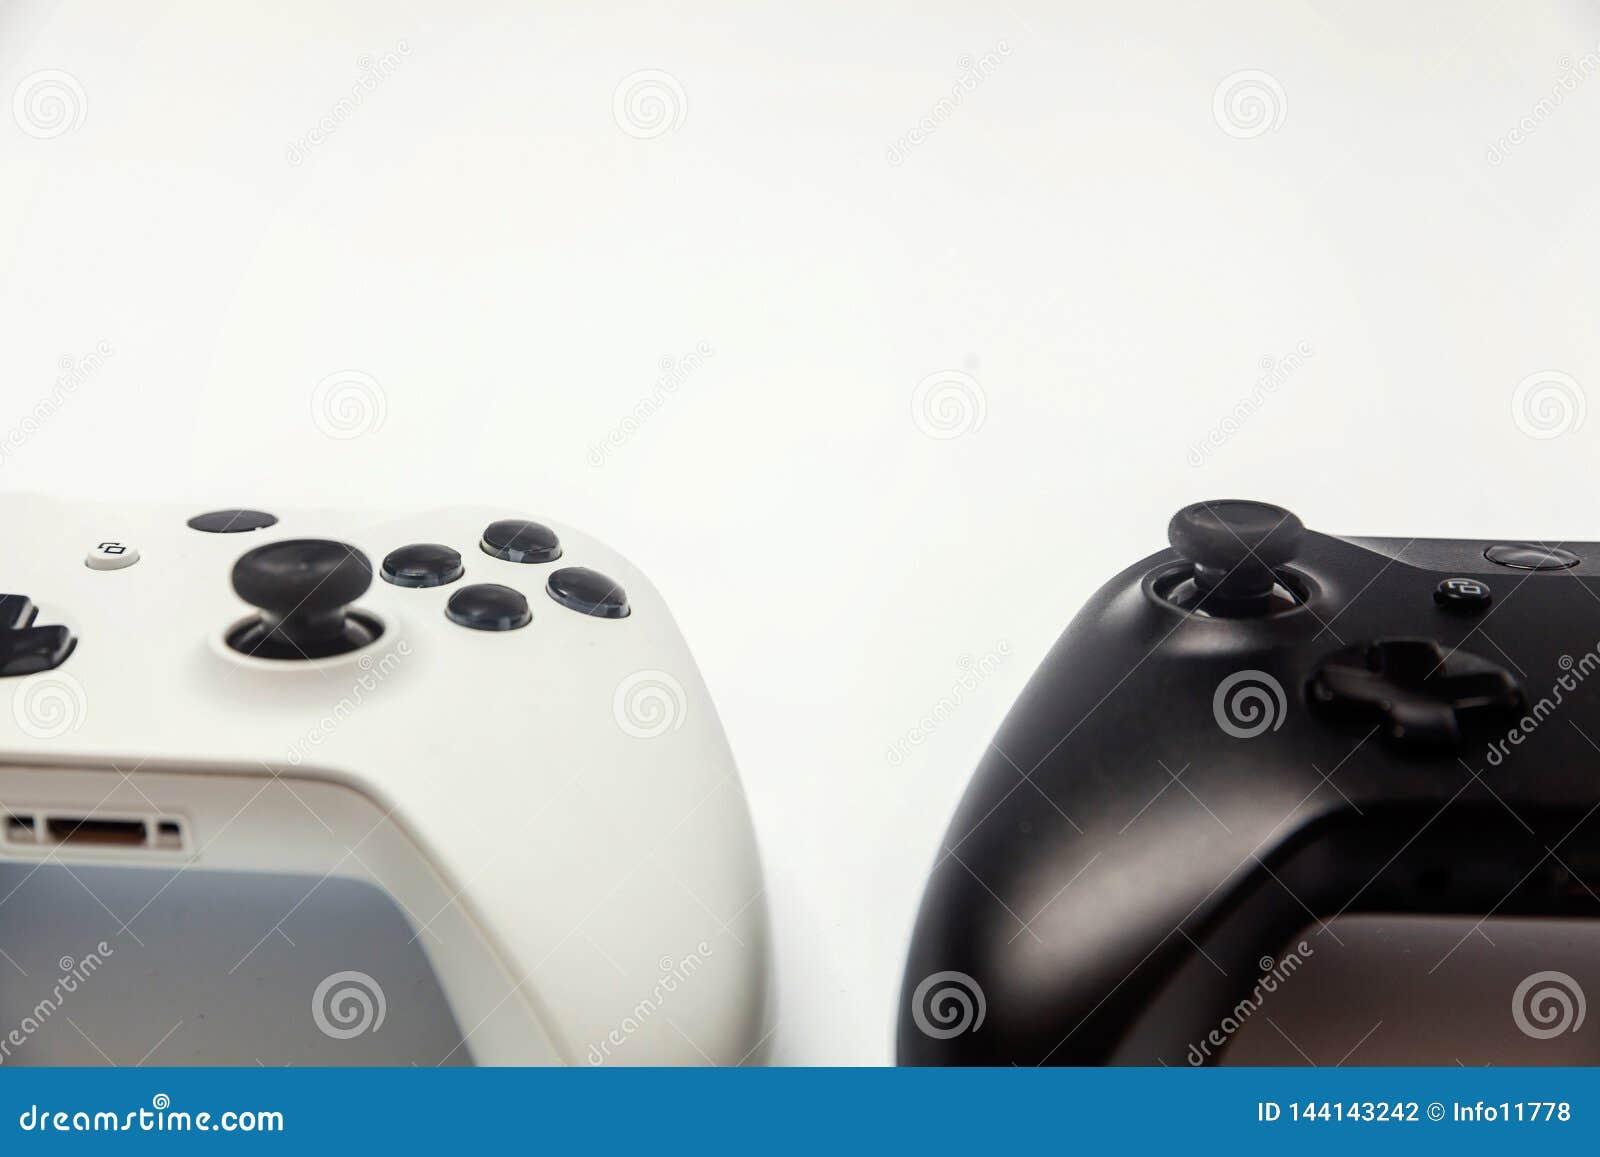 Weißer und schwarzer Steuerknüppel zwei auf weißem Hintergrund Computerspieltechnologiespielwettbewerbsvideospielsteuerkonfrontat